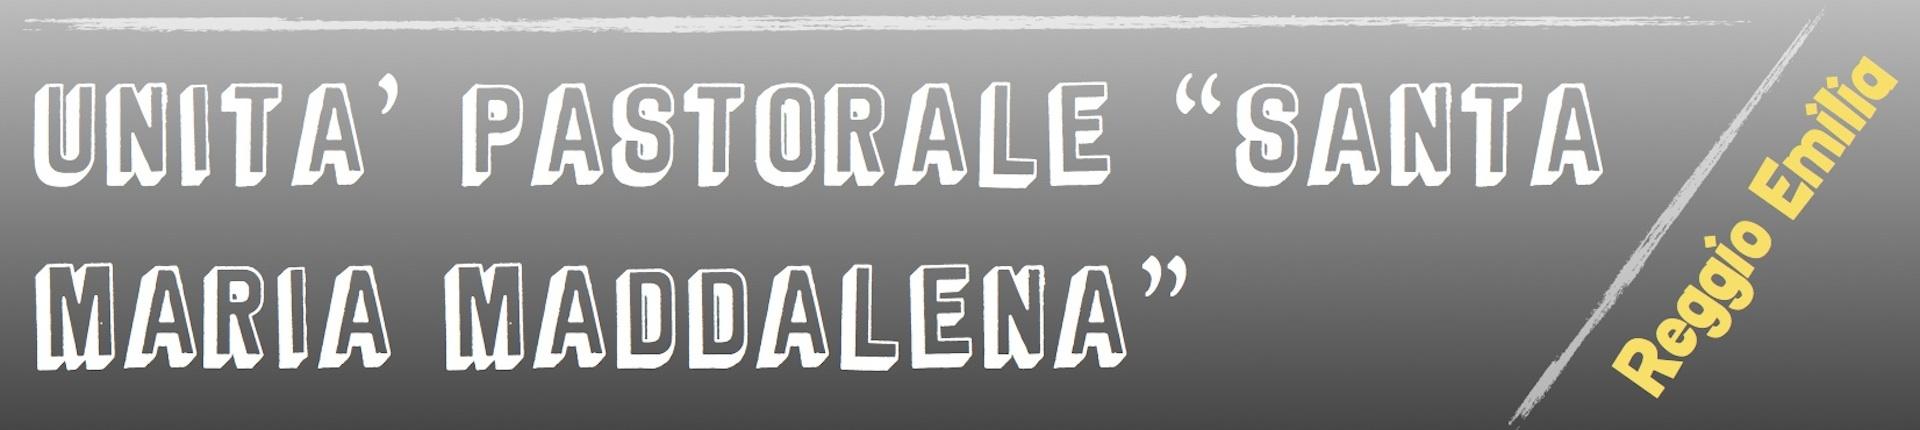 """UP """"Santa Maria Maddalena"""" - Via Tassoni 2 e Via Rossa 1, 42123 Reggio Emilia"""